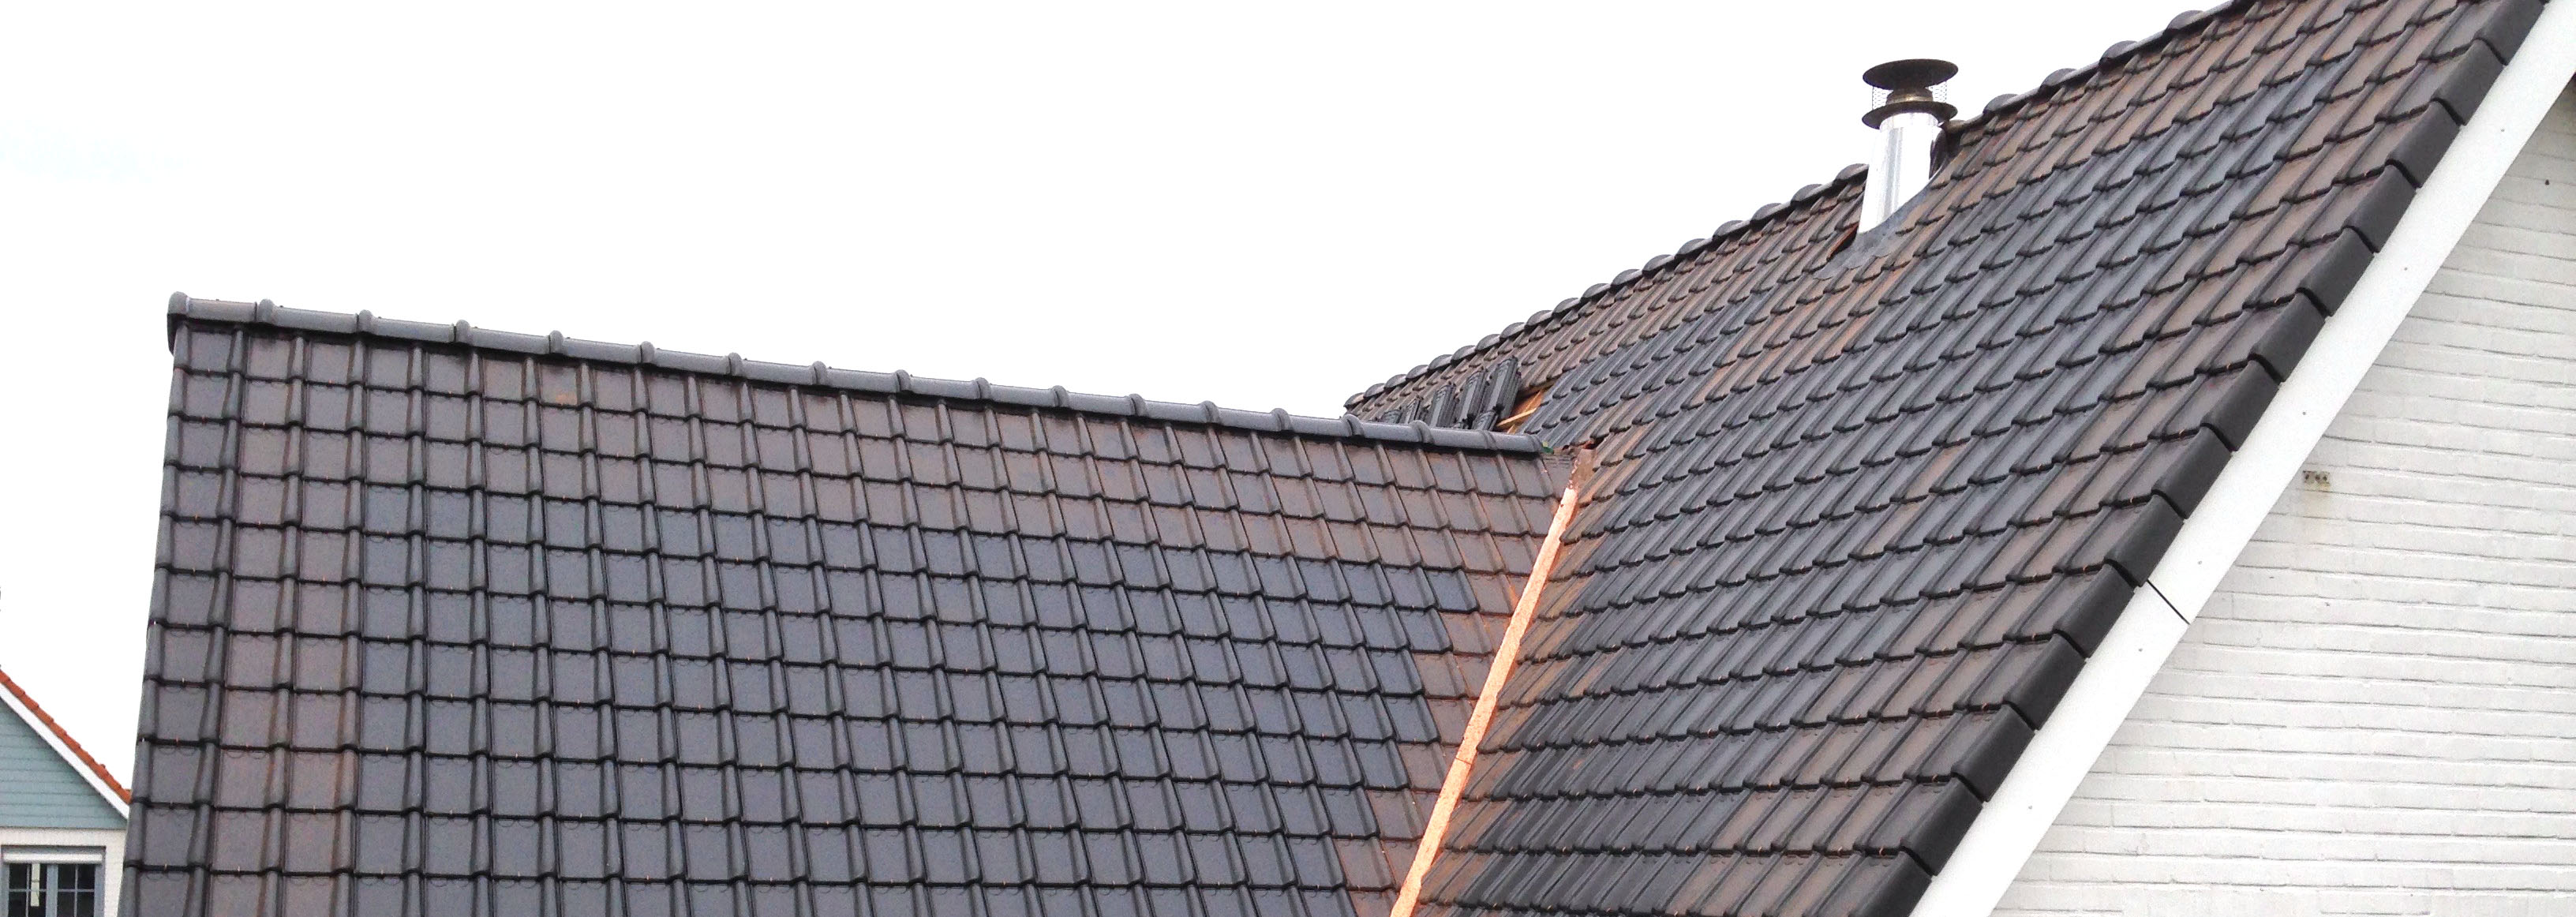 Dakwerken - Nico Desmet - Pannedaken - renovatie, bouwen, verbouwen